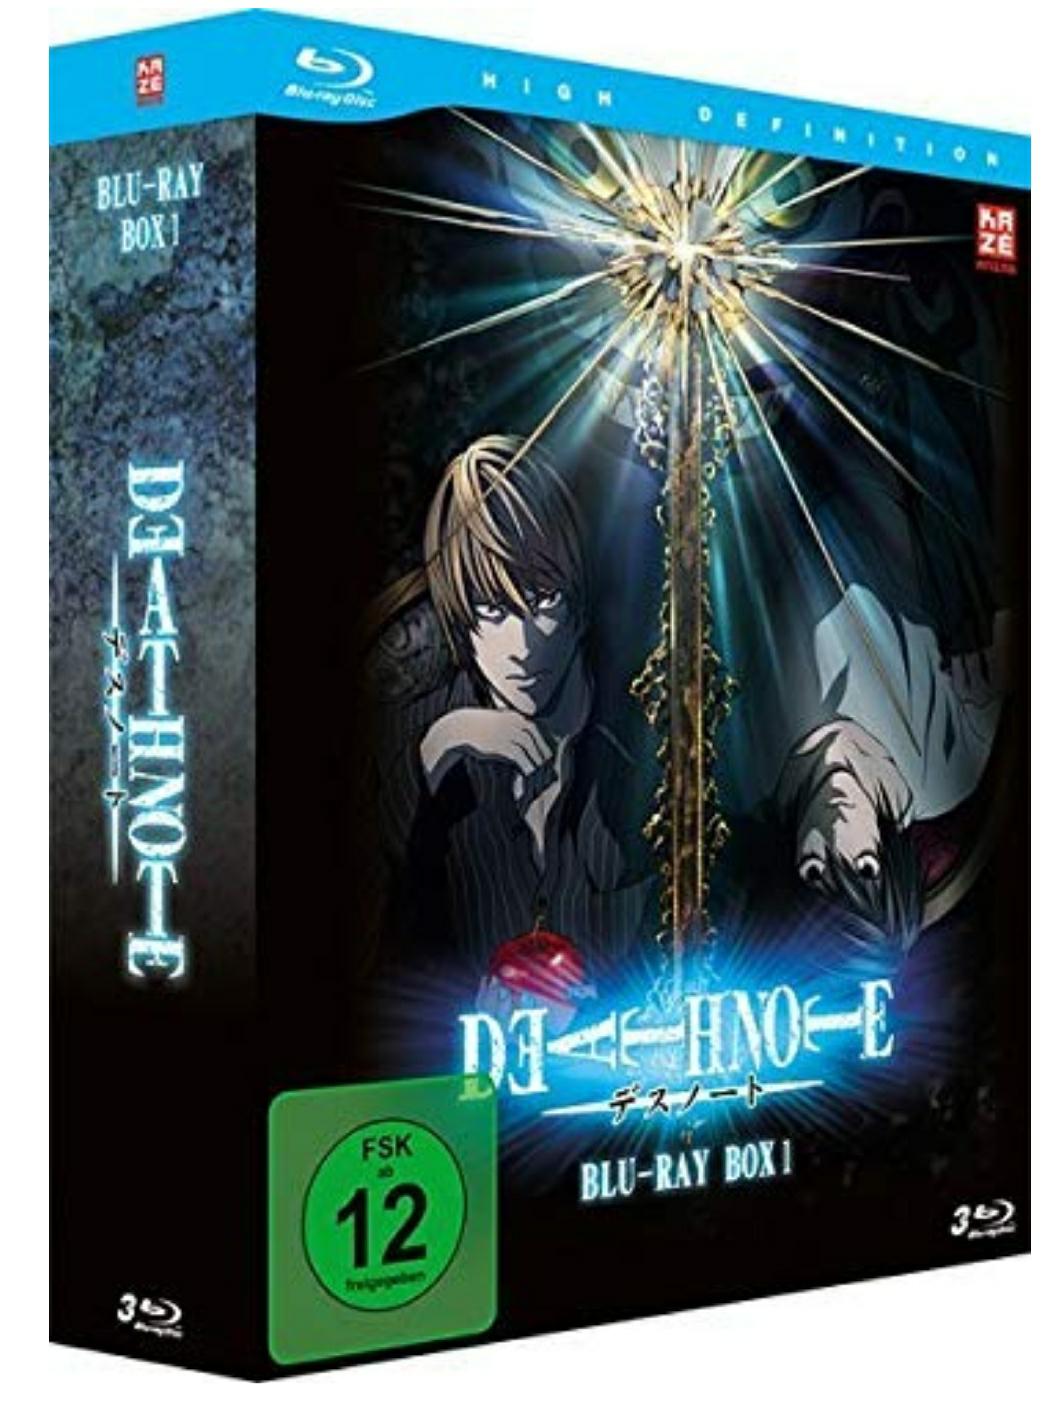 Death Note BluRay Box 1